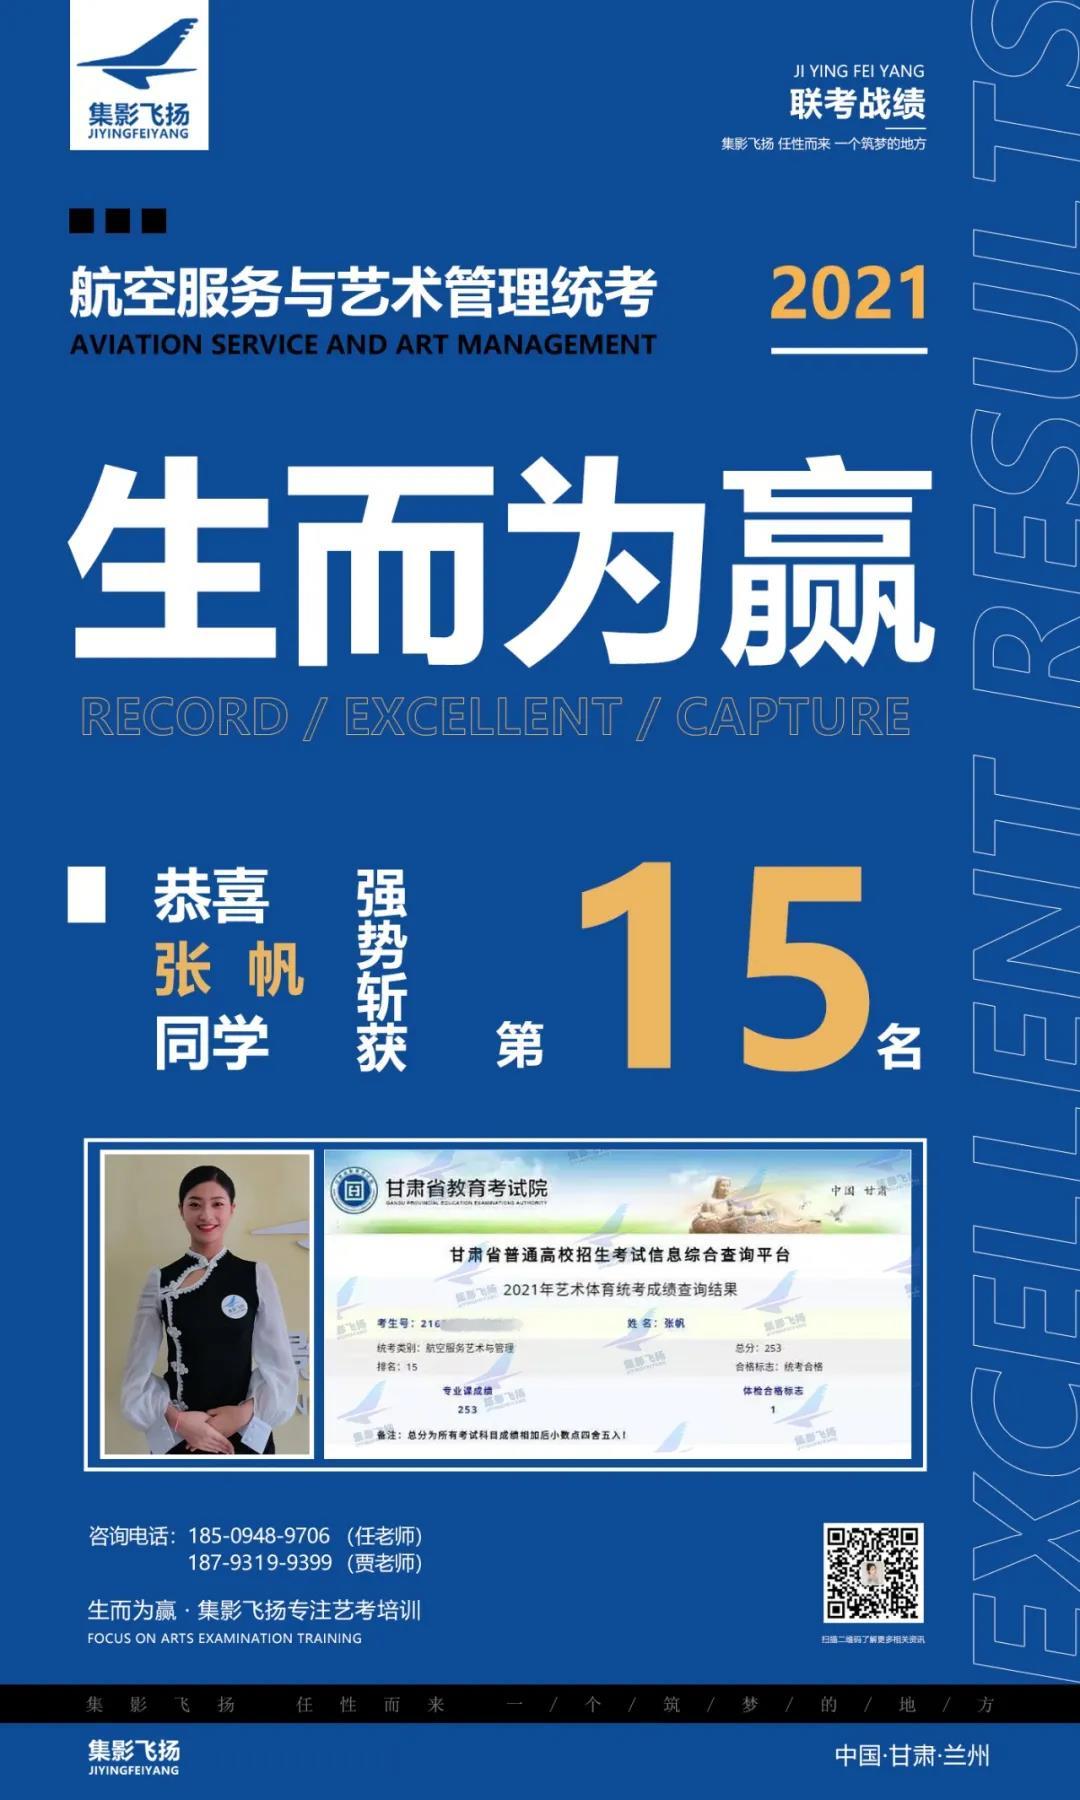 张帆同学斩获航空服务与艺术管理统考第15名